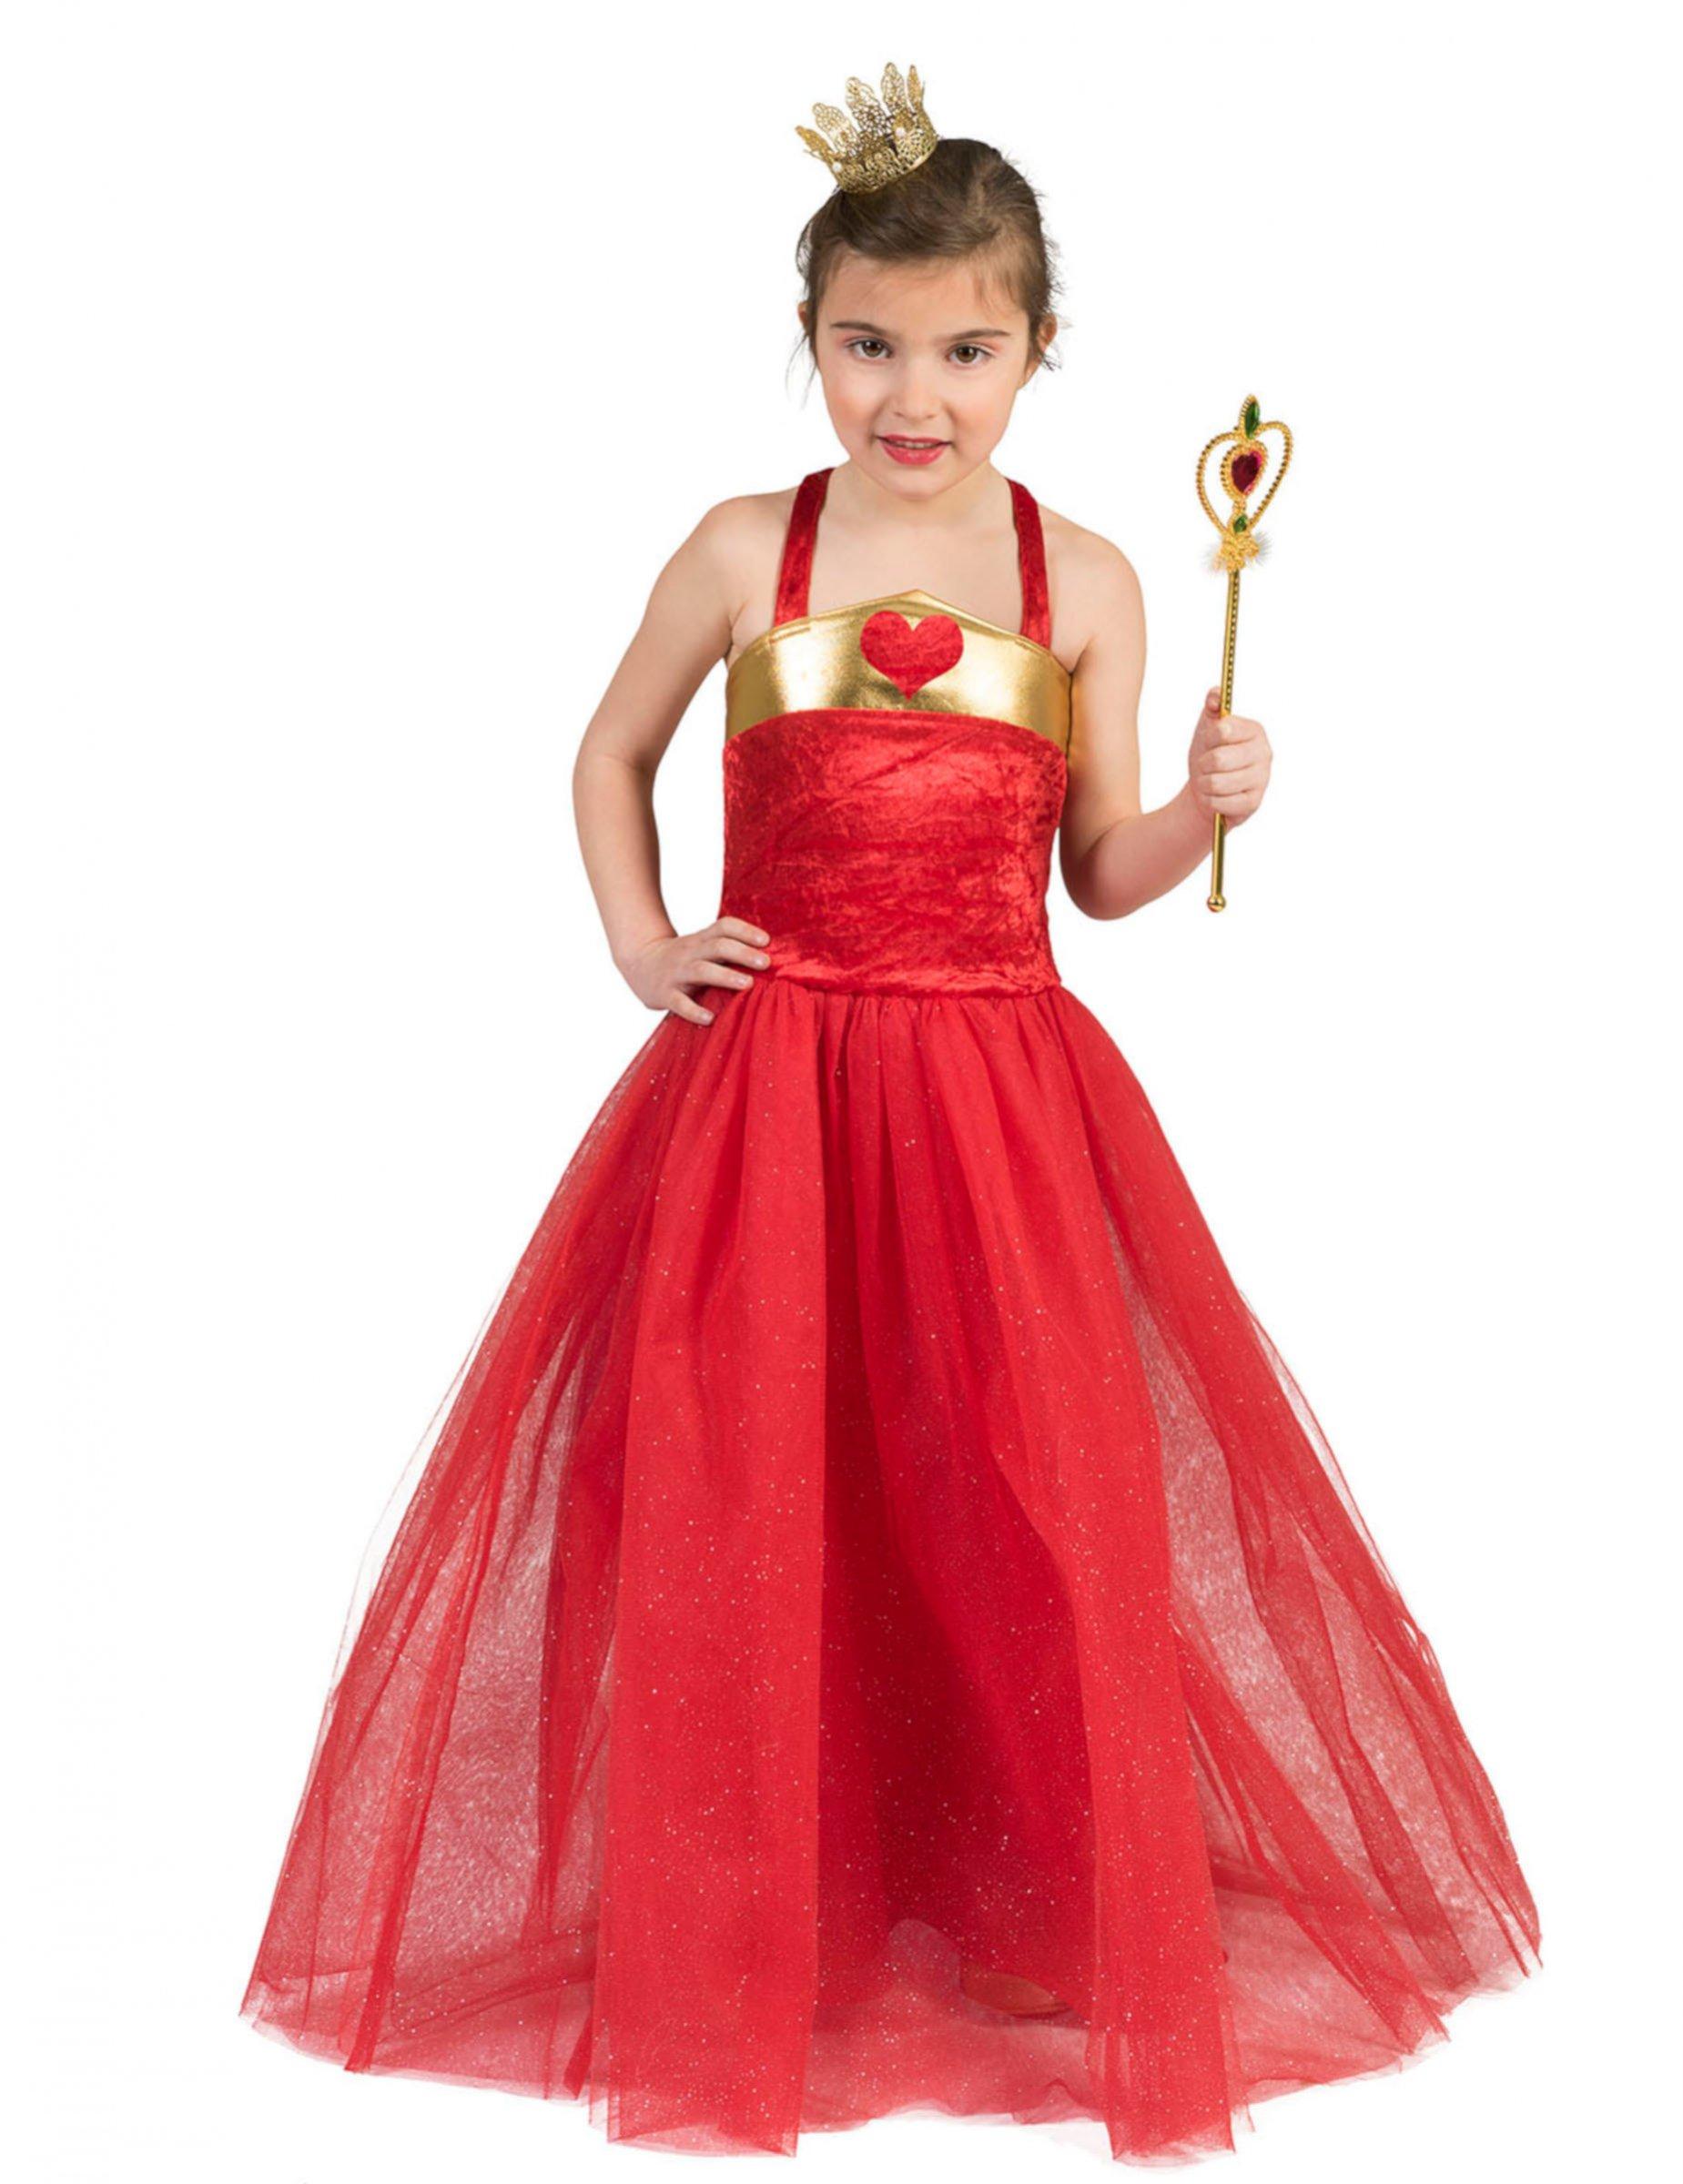 #Herzliches Prinzessin-Kostüm für Kinder Ballkleid rot#